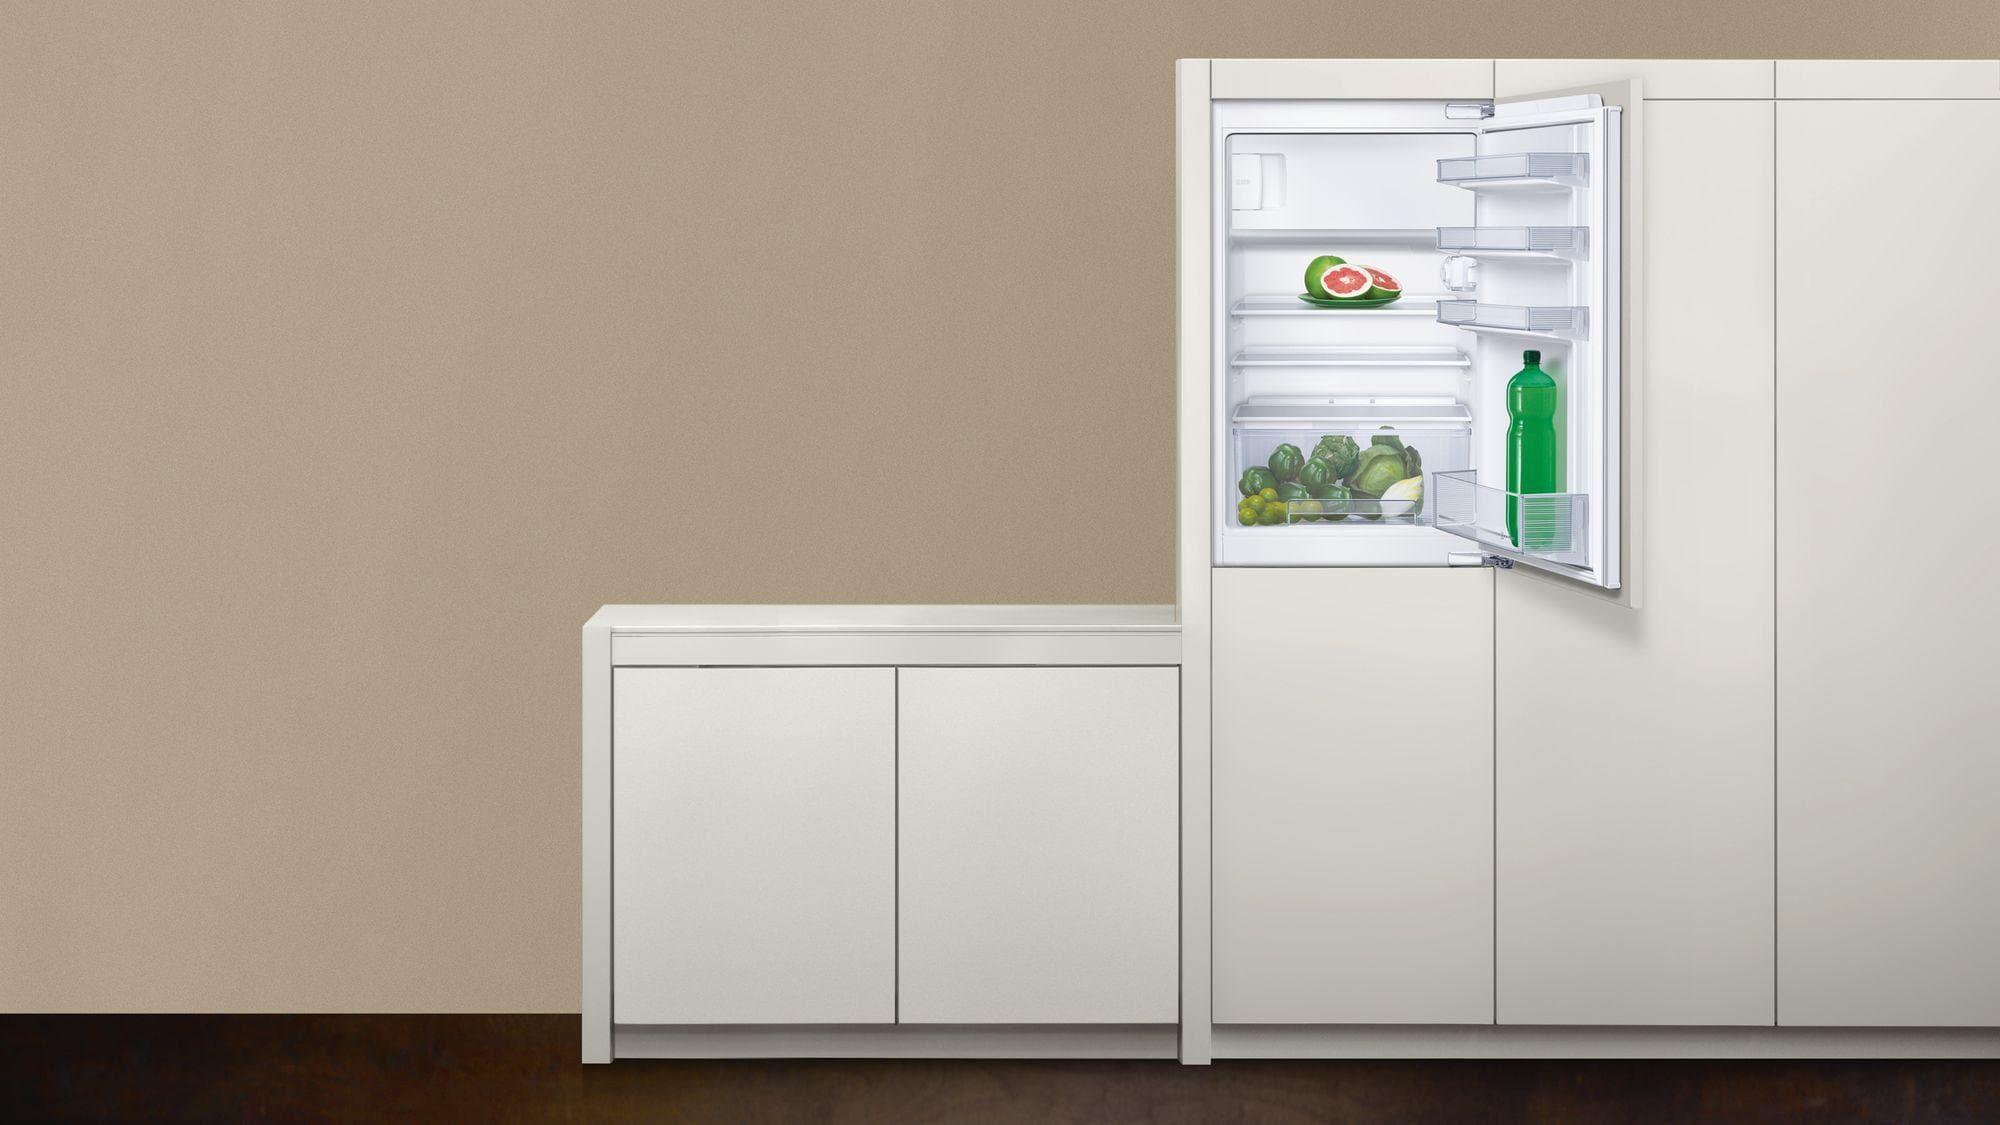 Kühlschrank Integrierbar A : Neff k a a integrierbarer kühlschrank cm breit